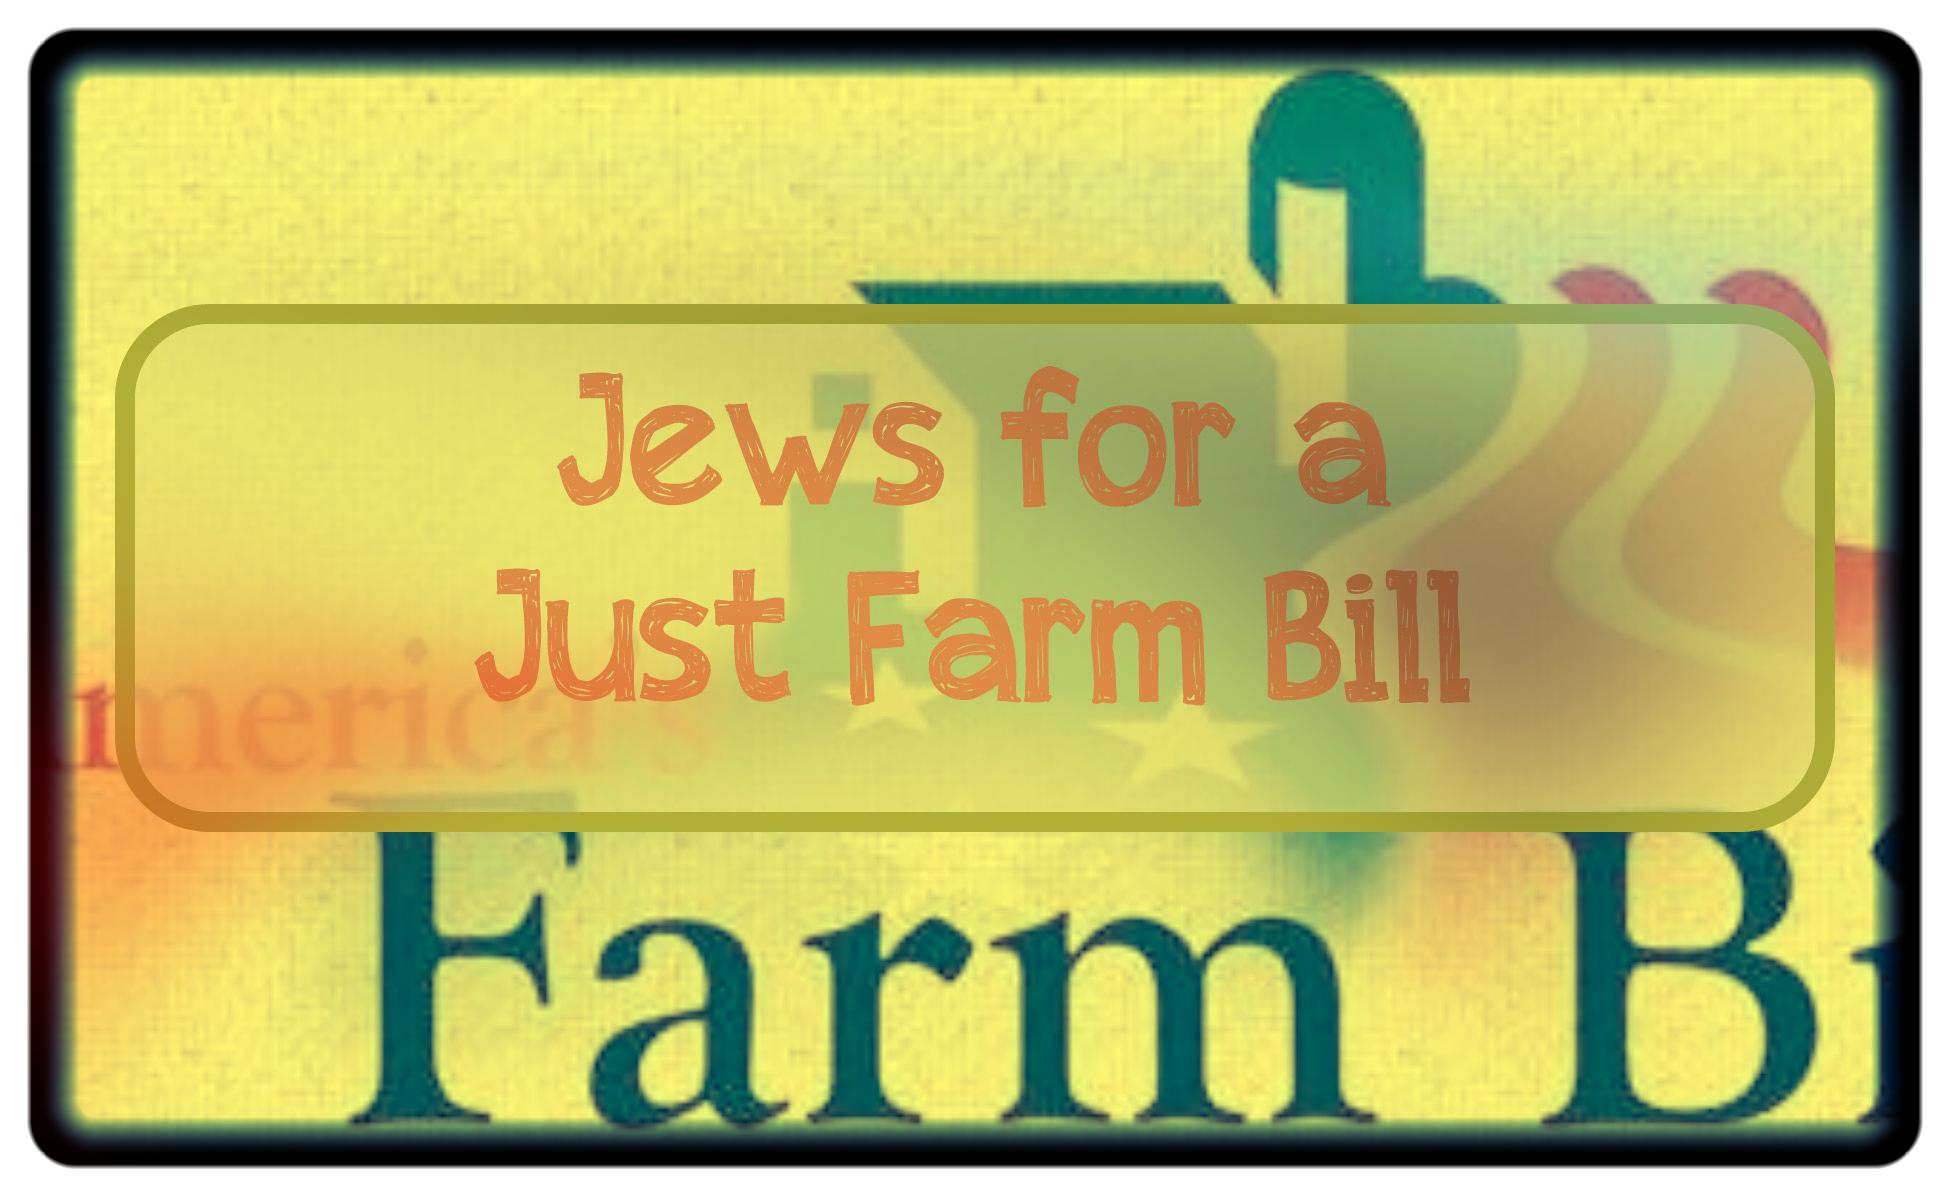 JewsJustFarmBill.jpg